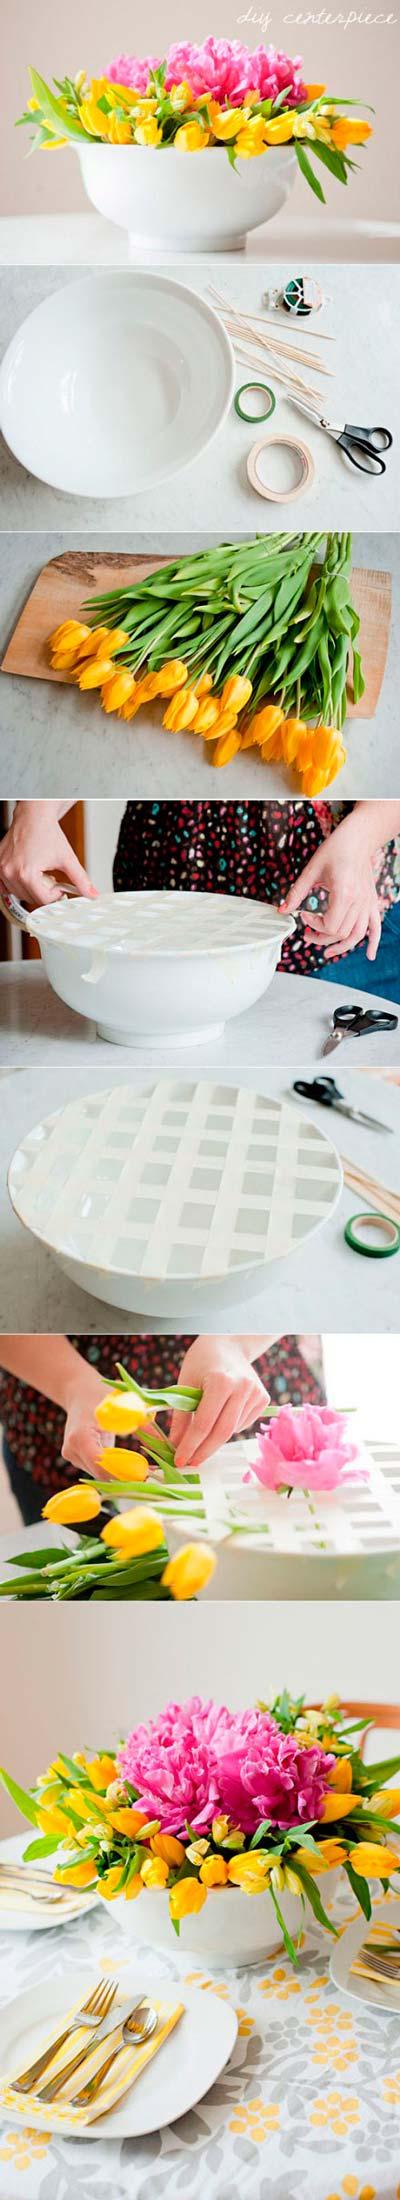 tutorial de manualidad para hacer un centro de mesa con flores